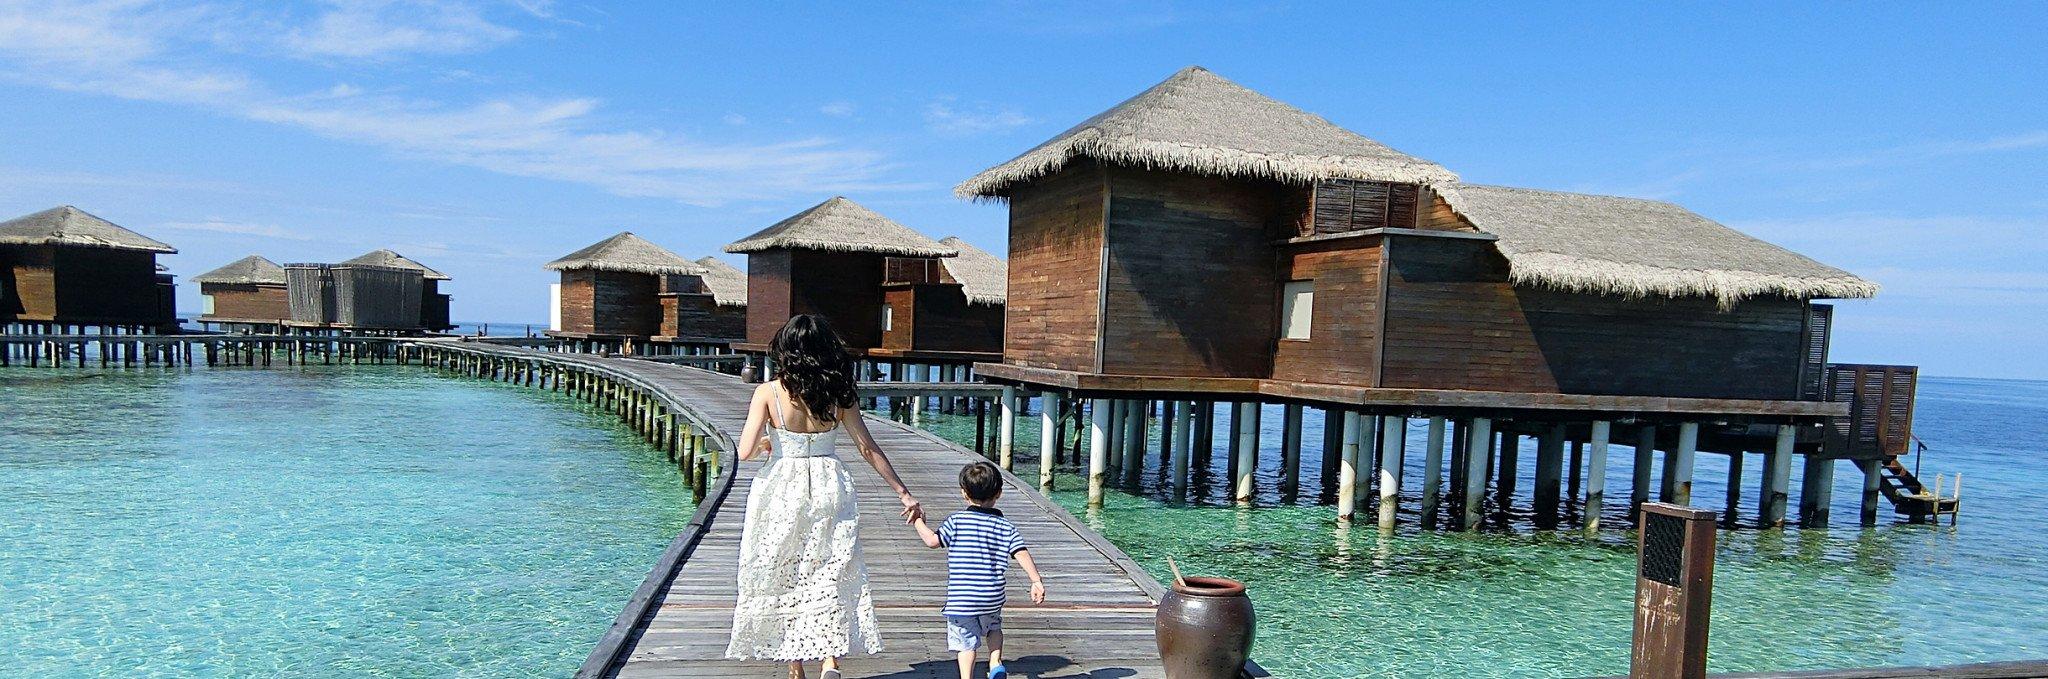 马尔代夫,体验海上慢生活